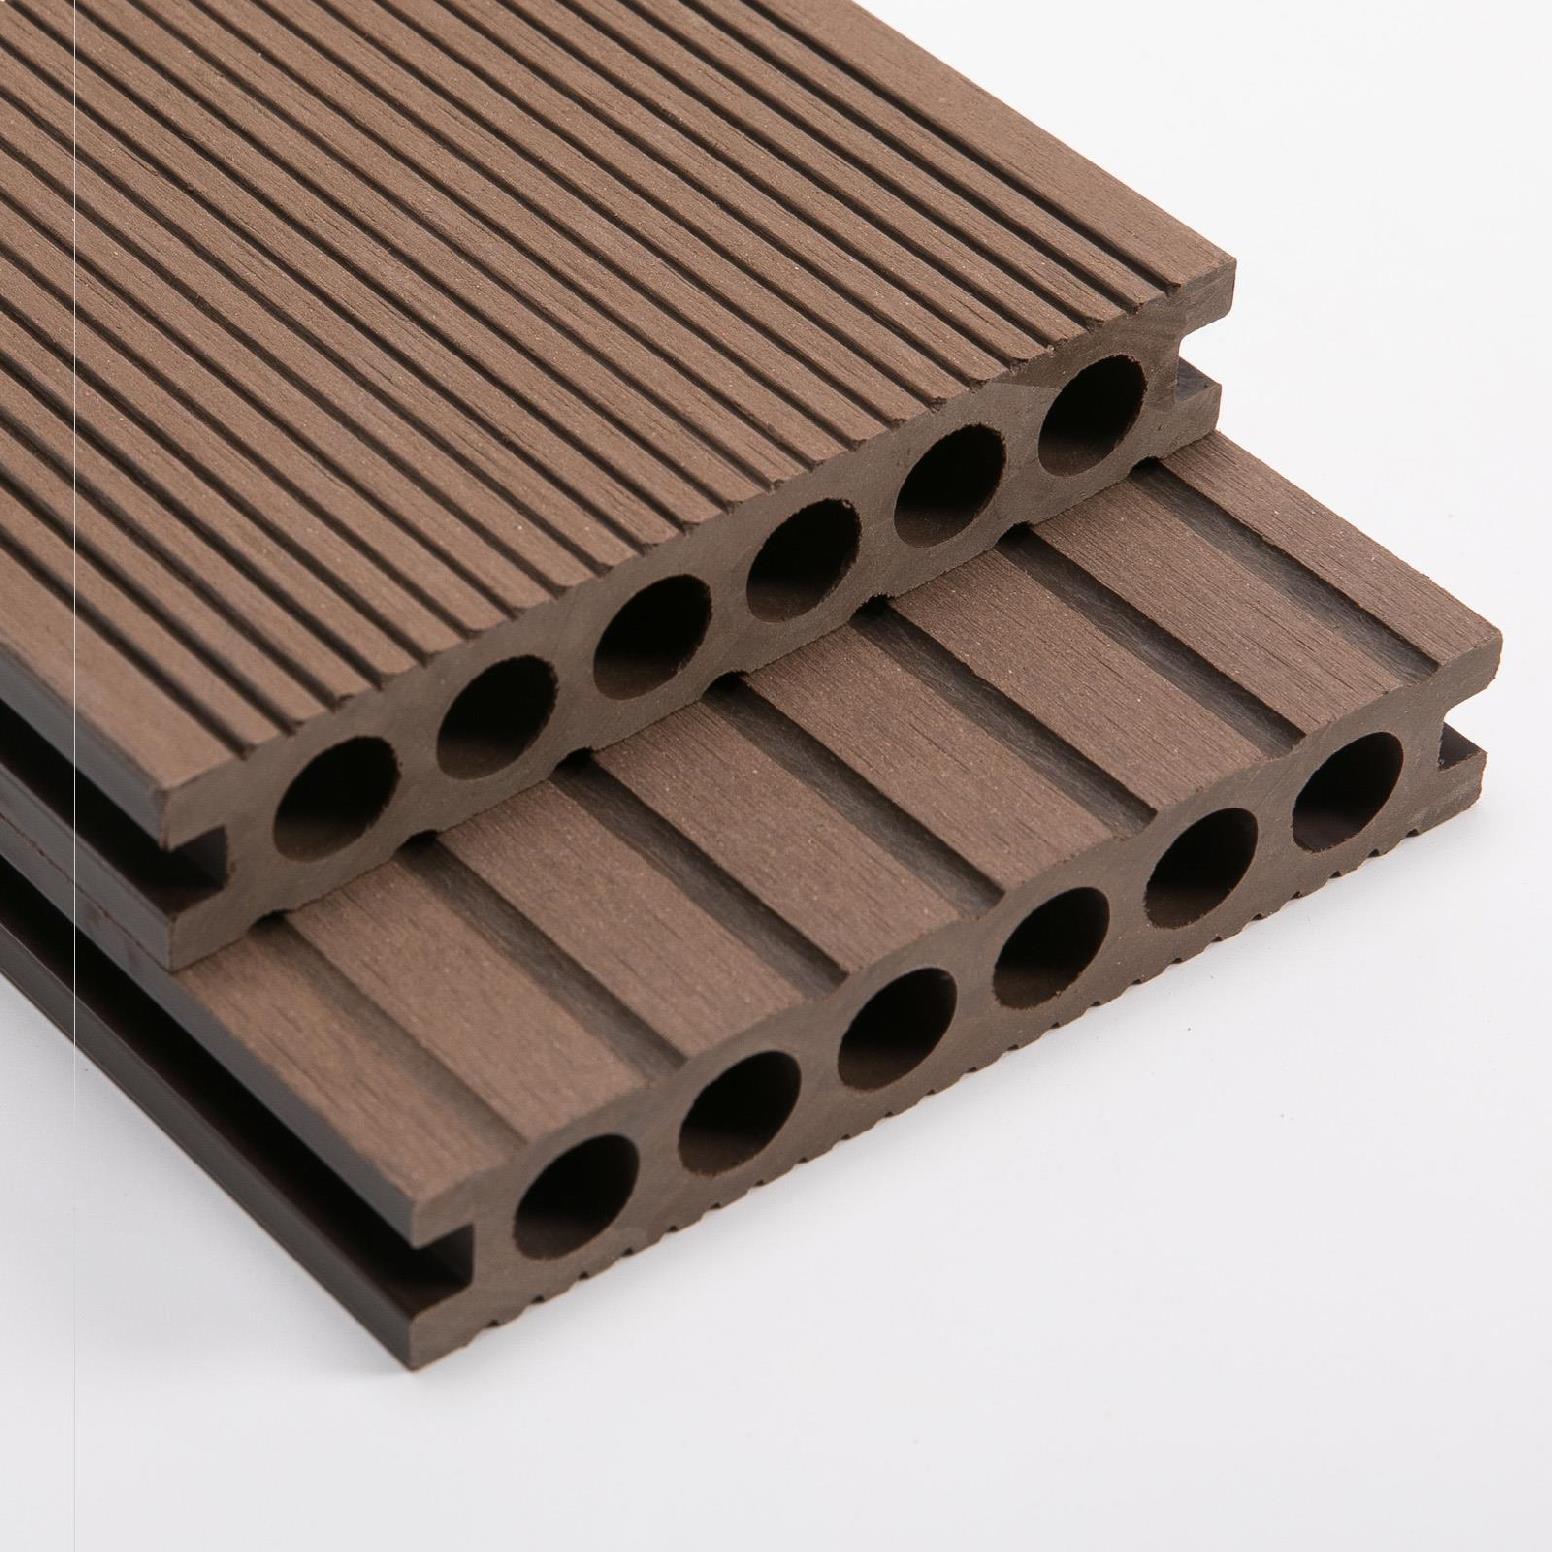 家庭用の長方形の屋外マットの高硬度の天井は木をまねる。屋外の木の床を作って、心をこめて露天を作ります。